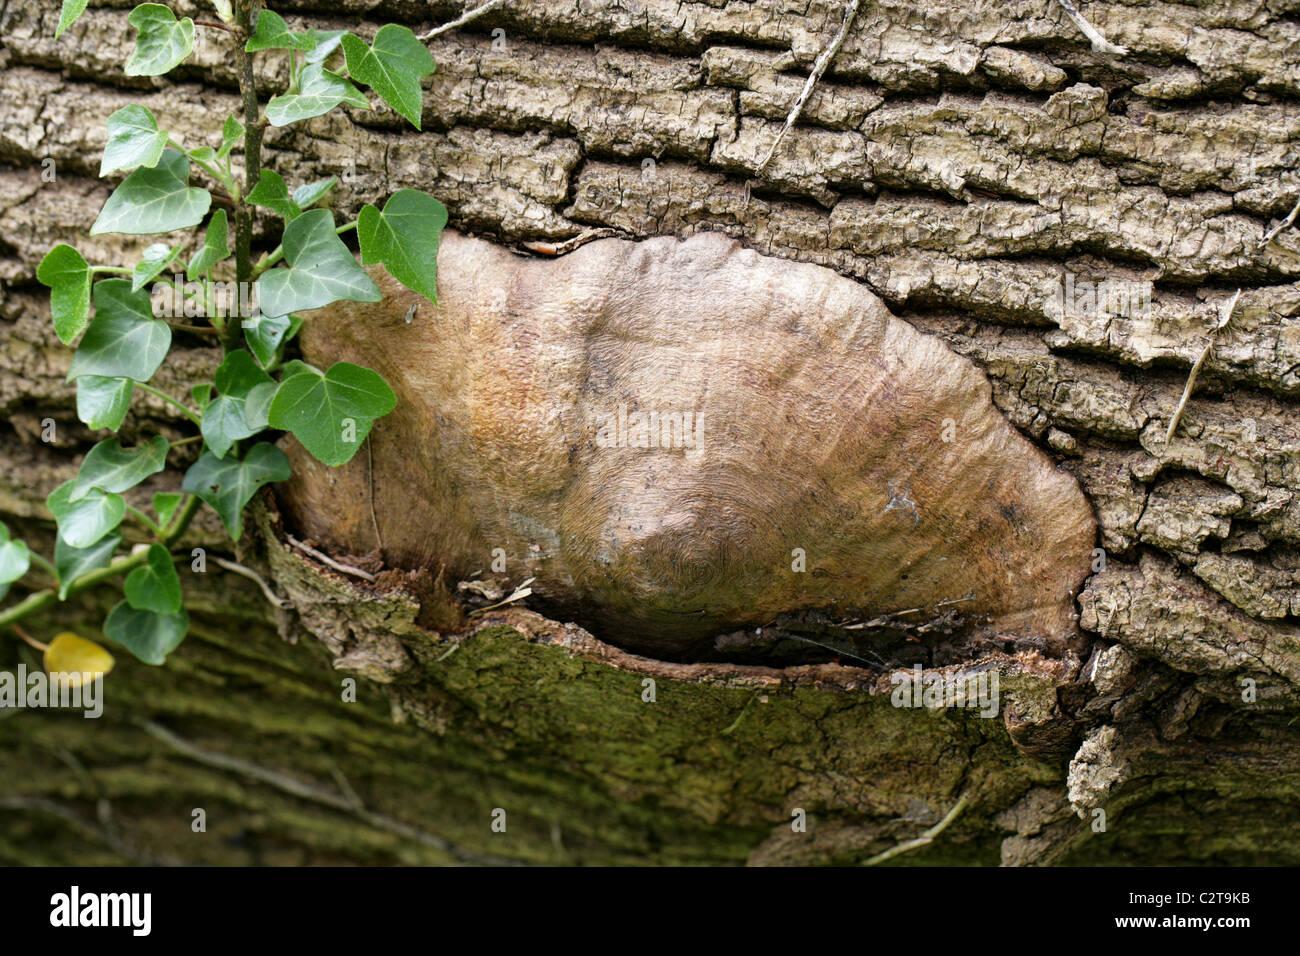 Erhöhten Besonderheit mit Markierungen auf einer toten Esche, möglicherweise verursacht durch die grabende Stockbild